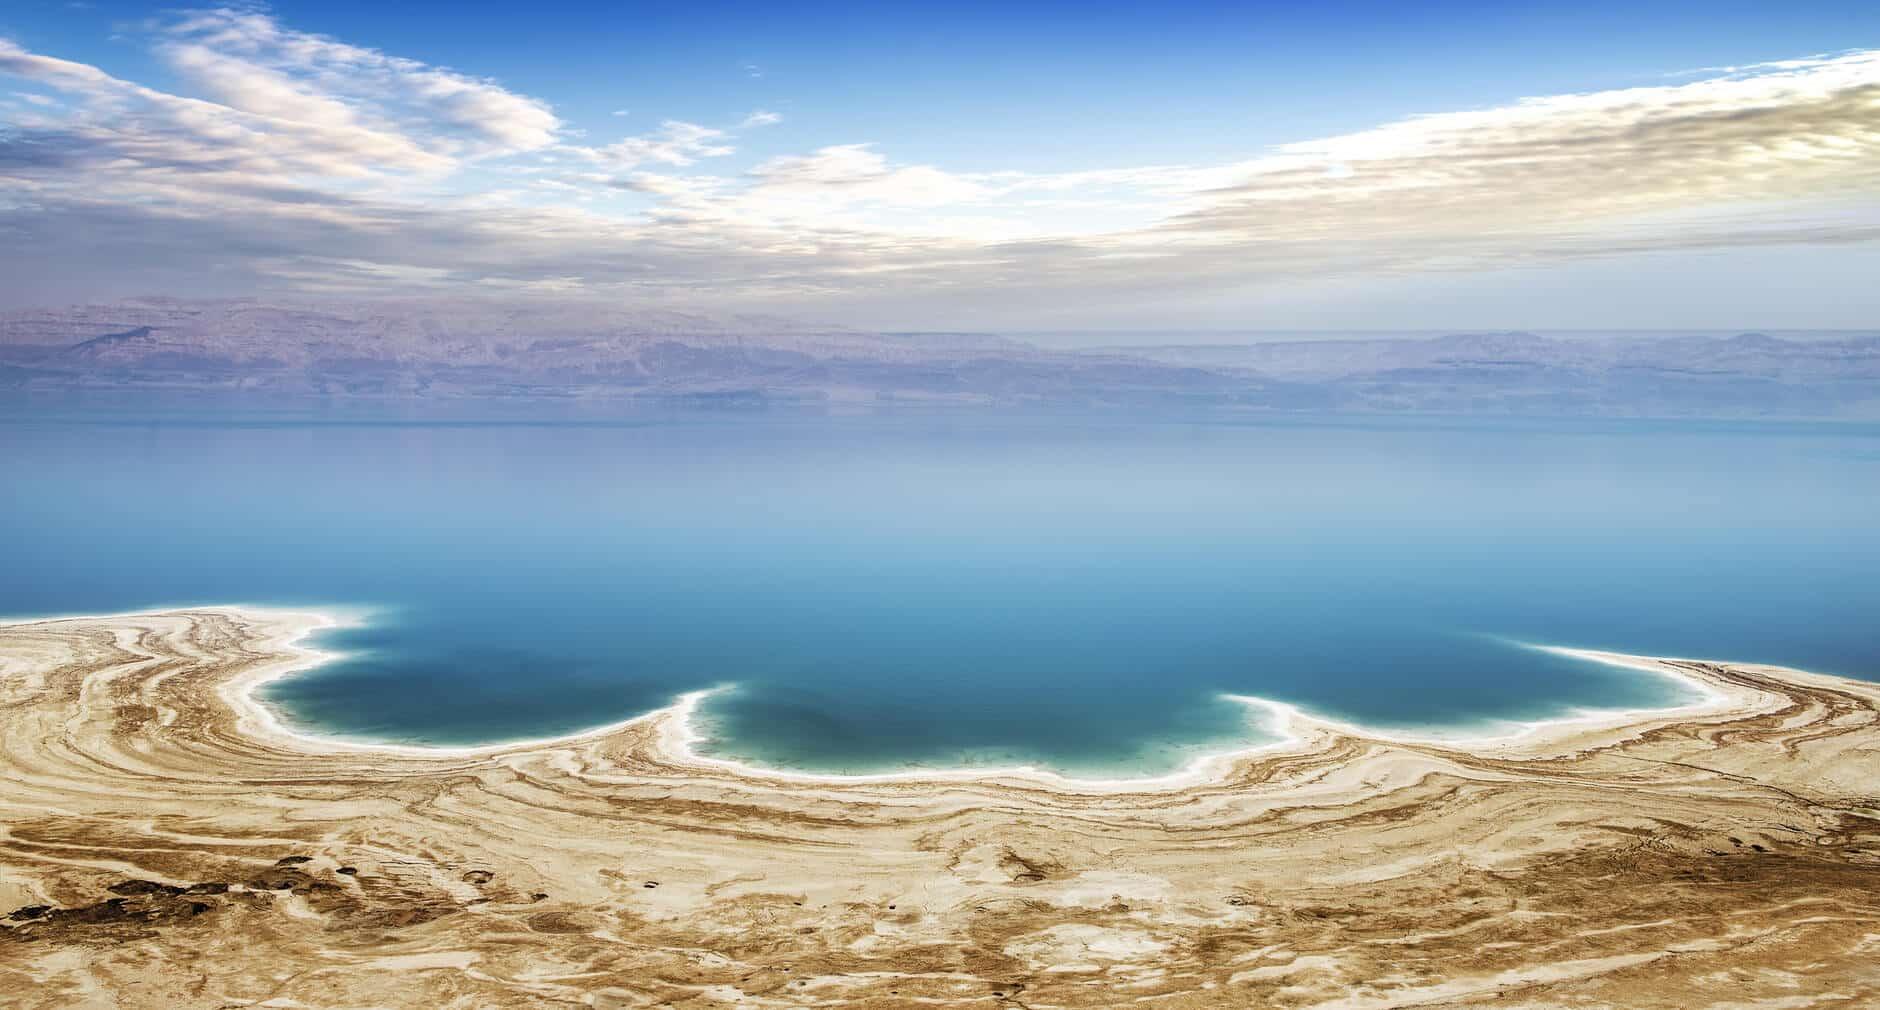 O mar morto é realmente morto? Por que esse nome? Descubra agora